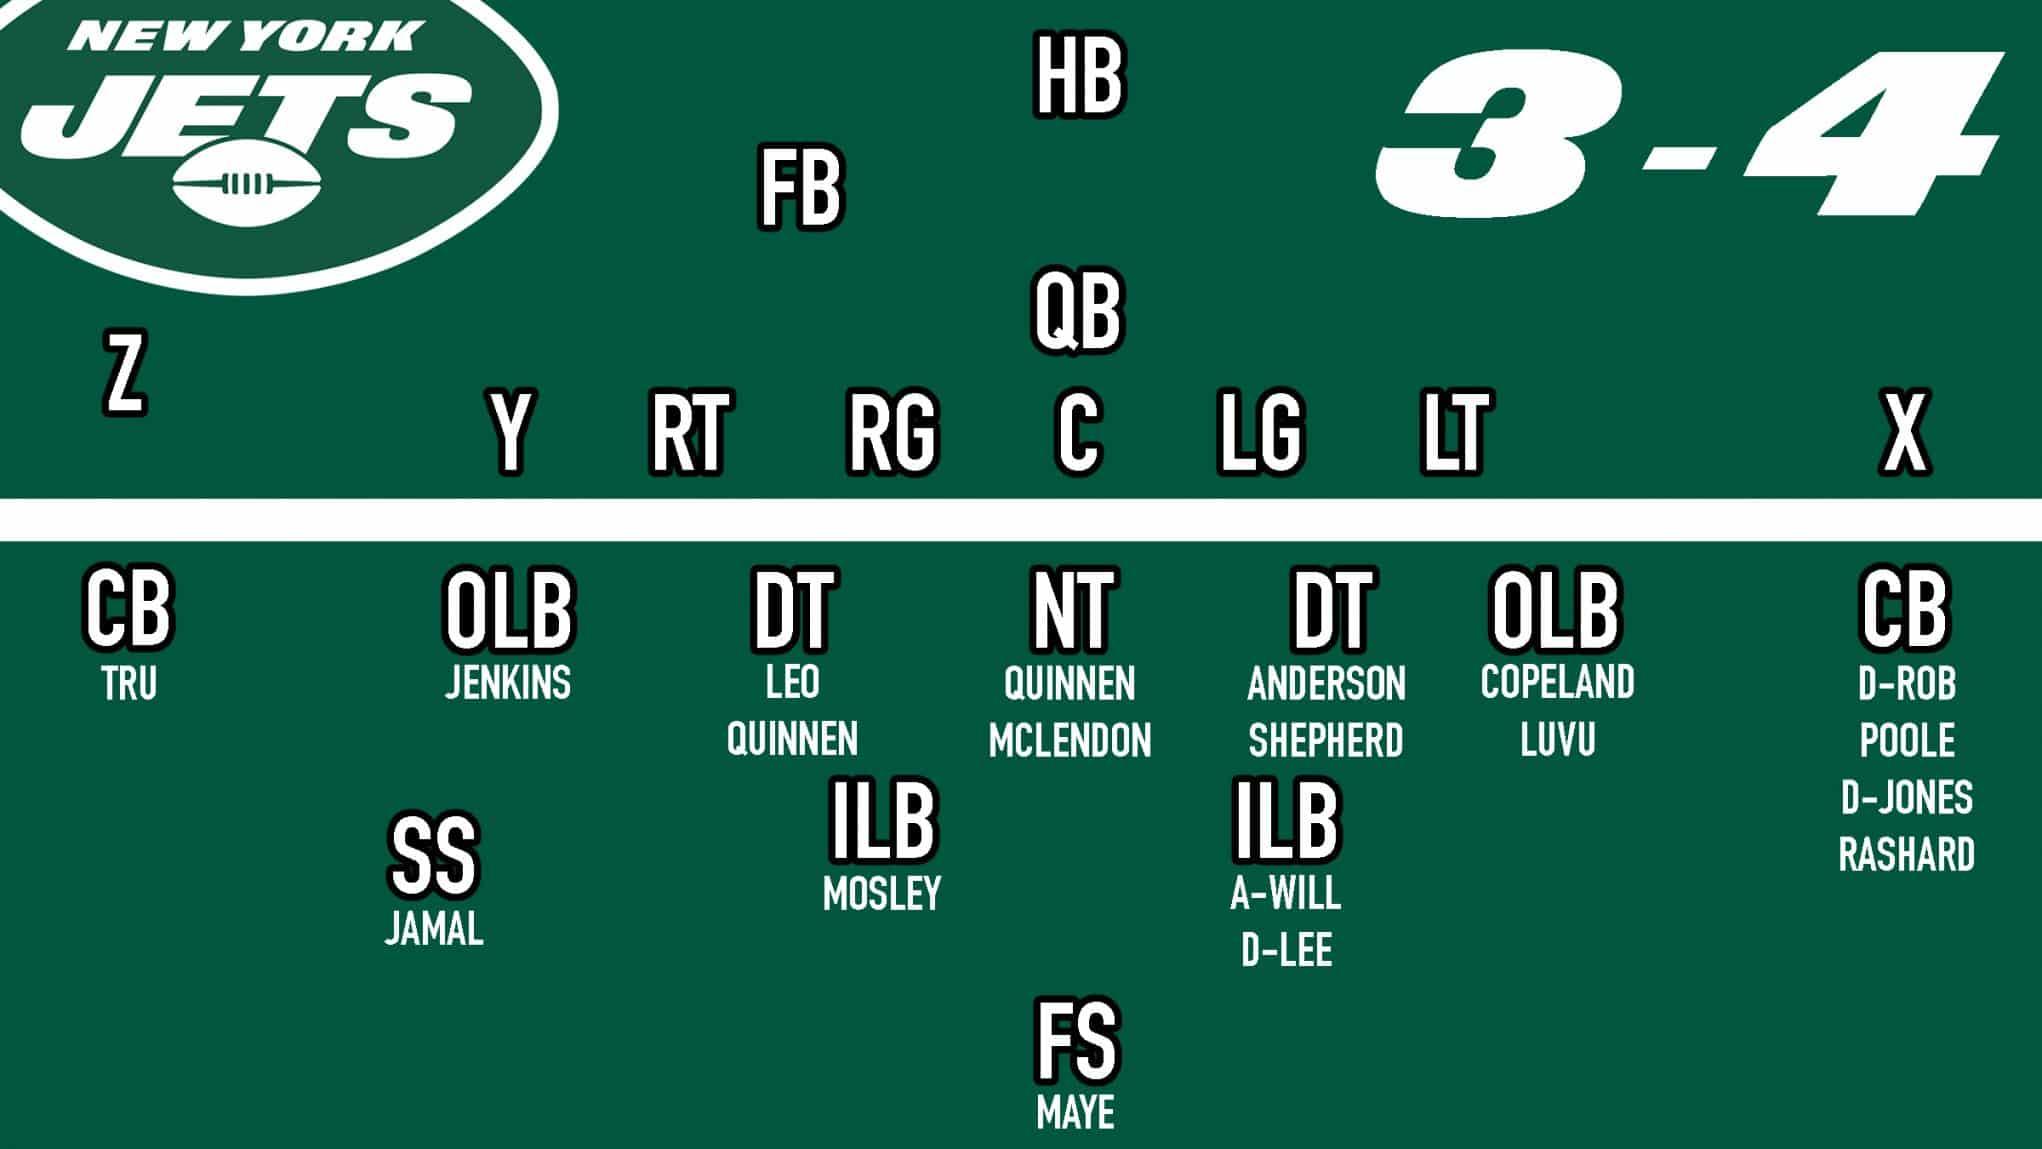 Jets 3-4